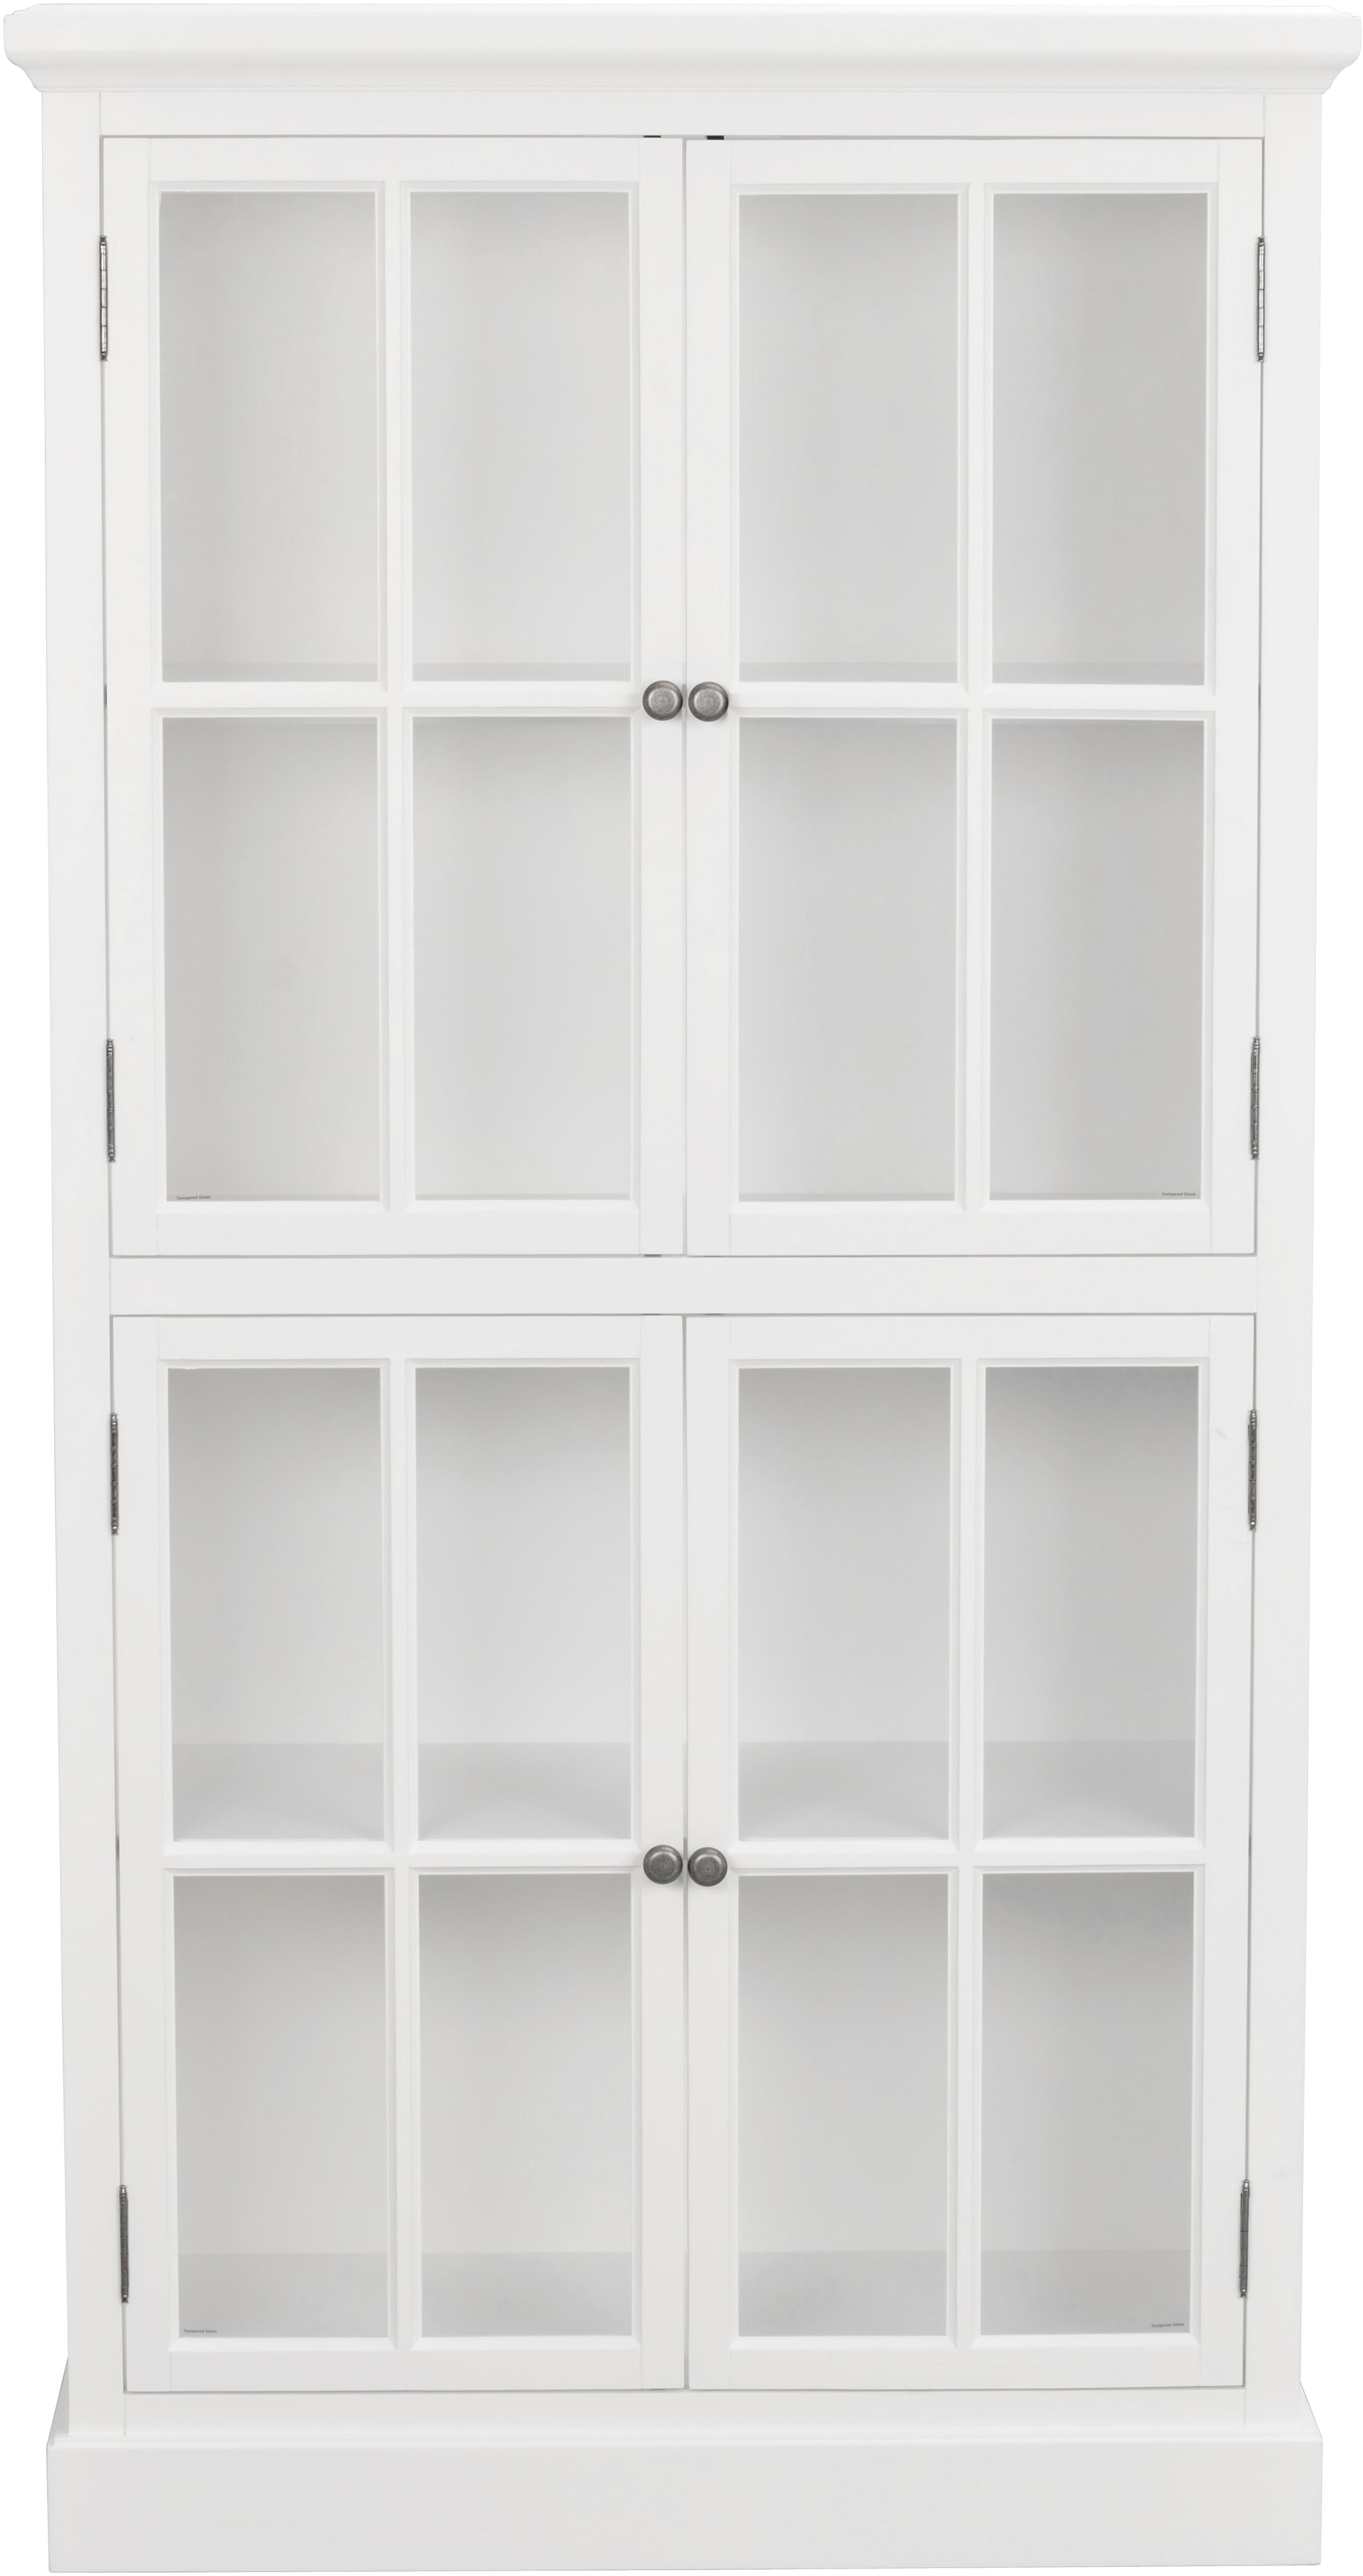 Witryna Lorient, Drewno sosnowe, lakierowane, płyta pilśniowa średniej gęstości (MDF), Biały, S 95 x W 185 cm